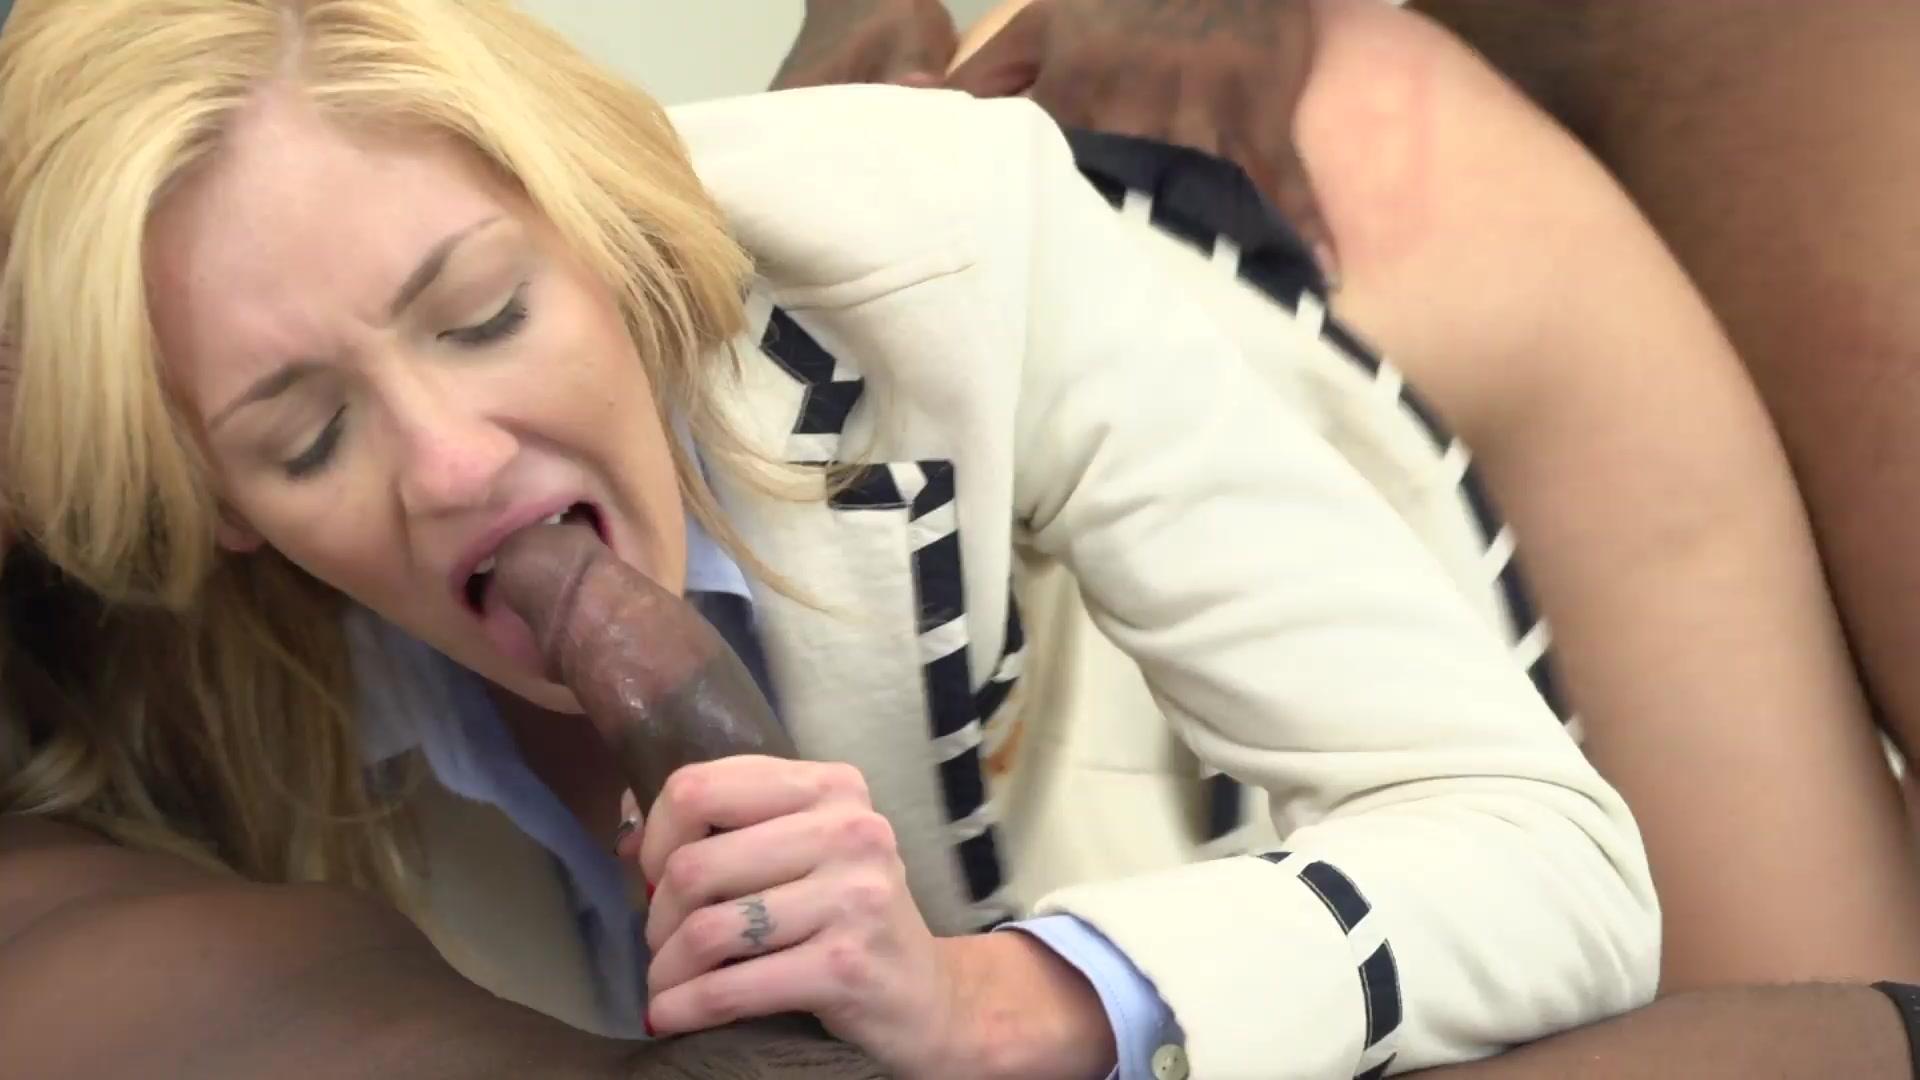 Amateur female sex voyeur